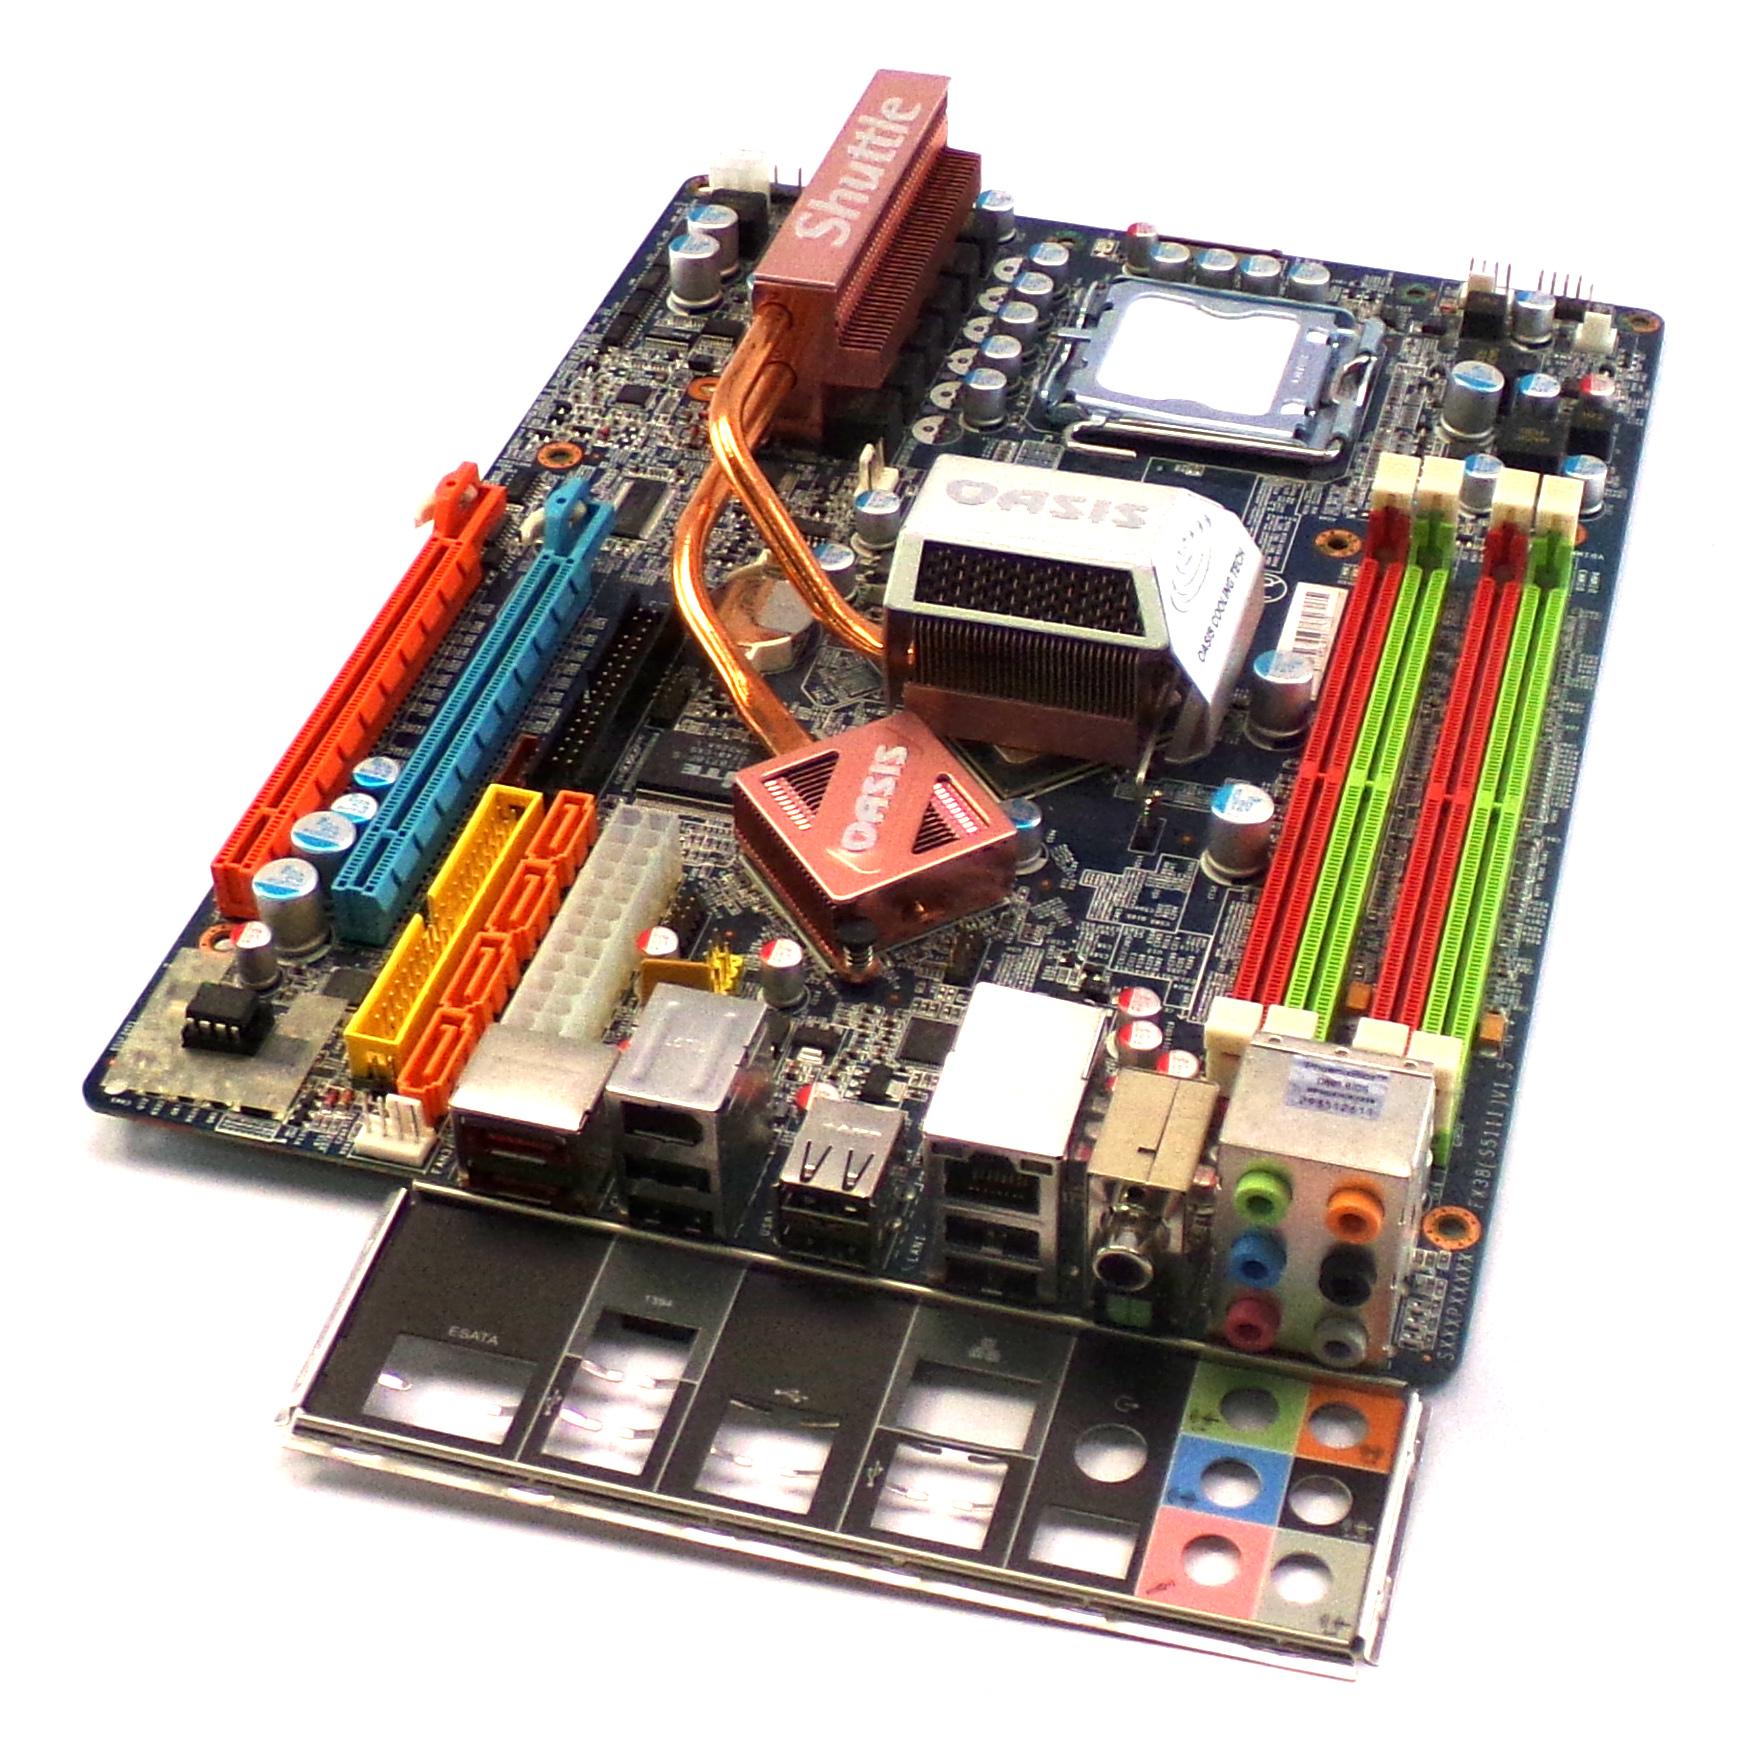 SX38P200-BP0-11 SHUTTLE FX38(S5111) V1.5 Socket 775 Motherboard